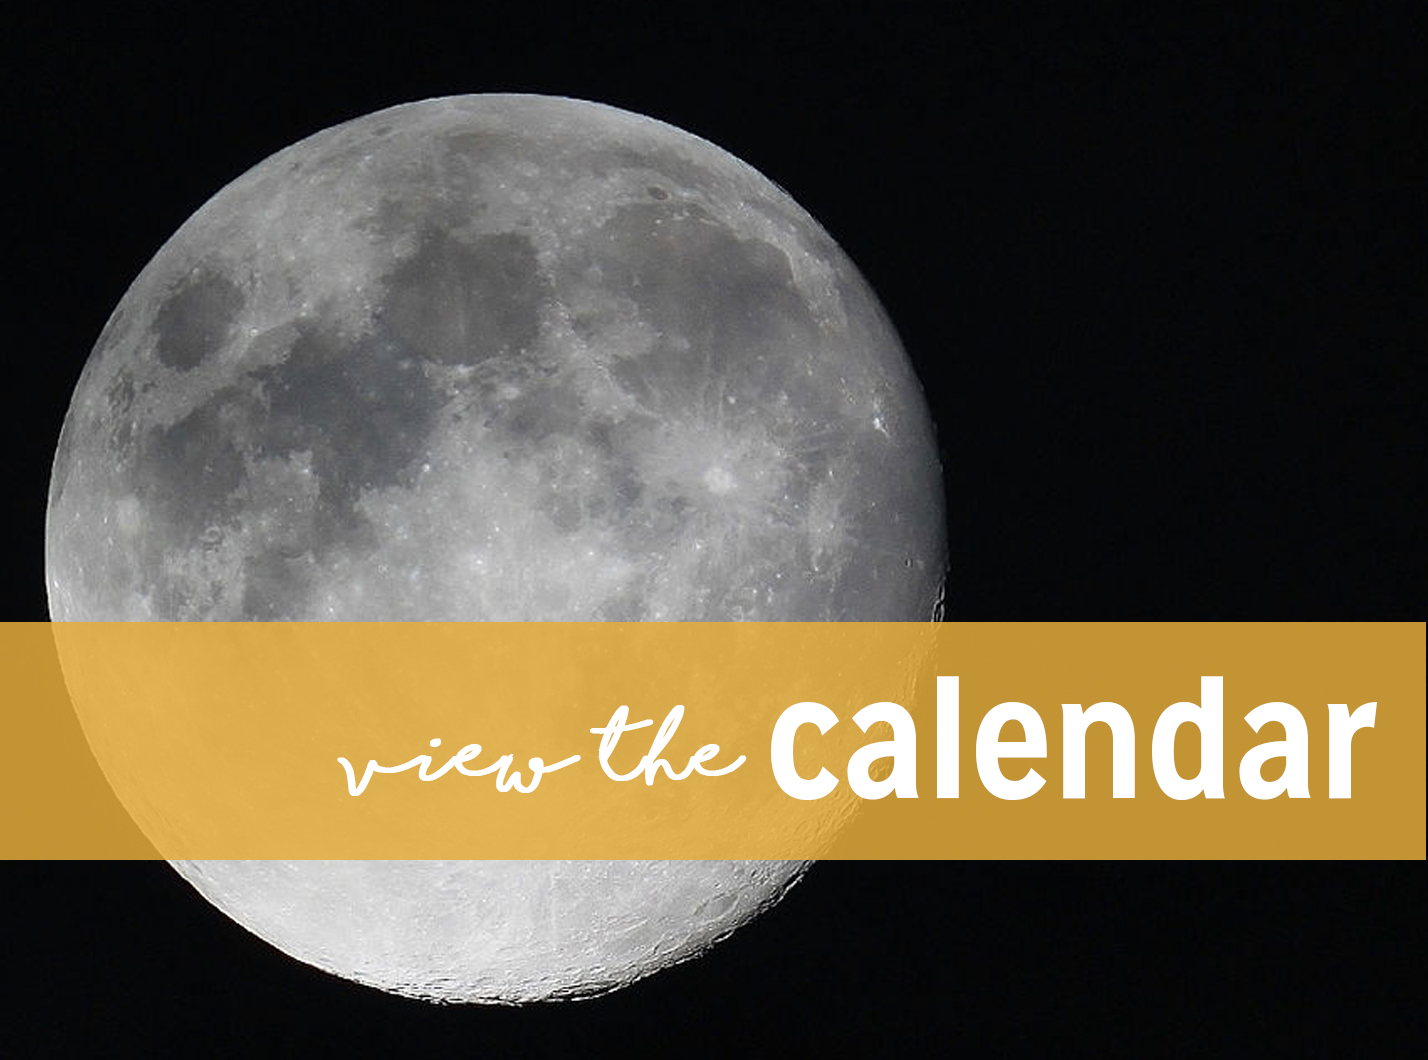 calendarbuttonnew.jpg